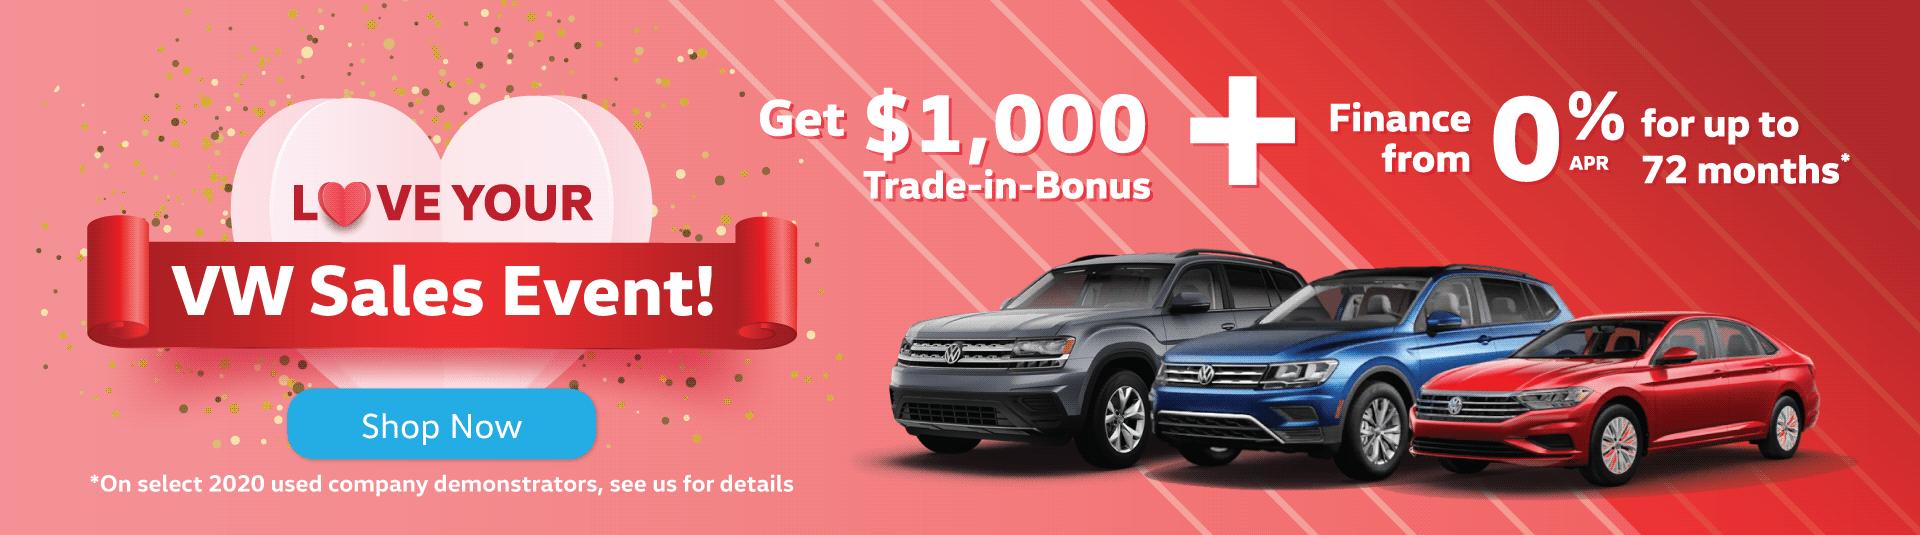 Love Your VW Sales Event - Volkswagen MidTown Toronto